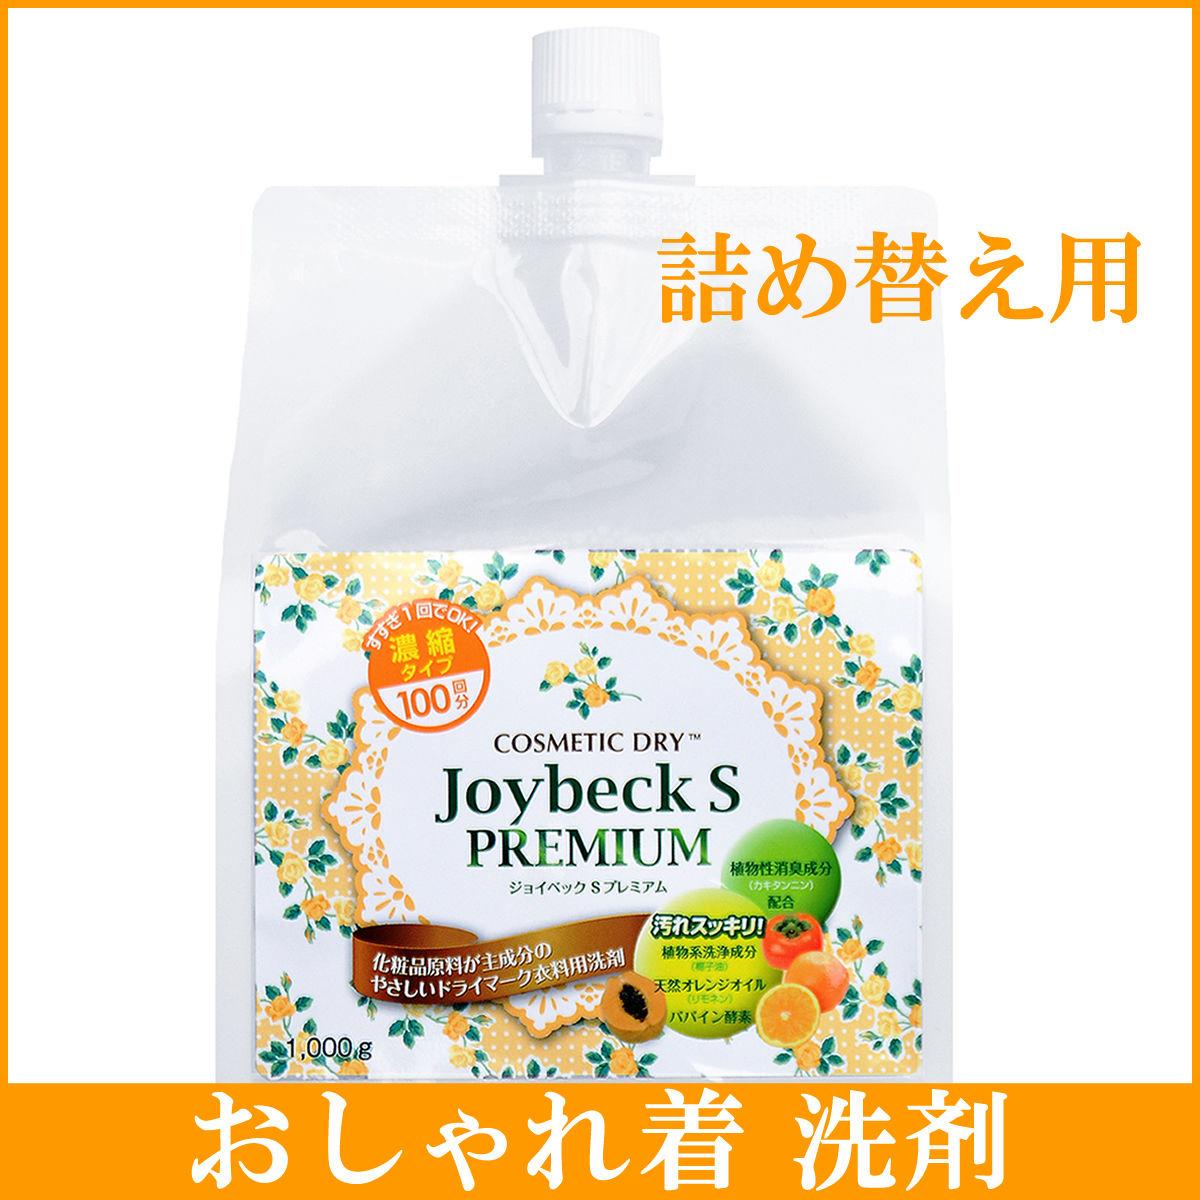 ジョイベック S プレミアム 洗濯洗剤 液体 詰め替え用 1,000g ドライマーク用洗剤